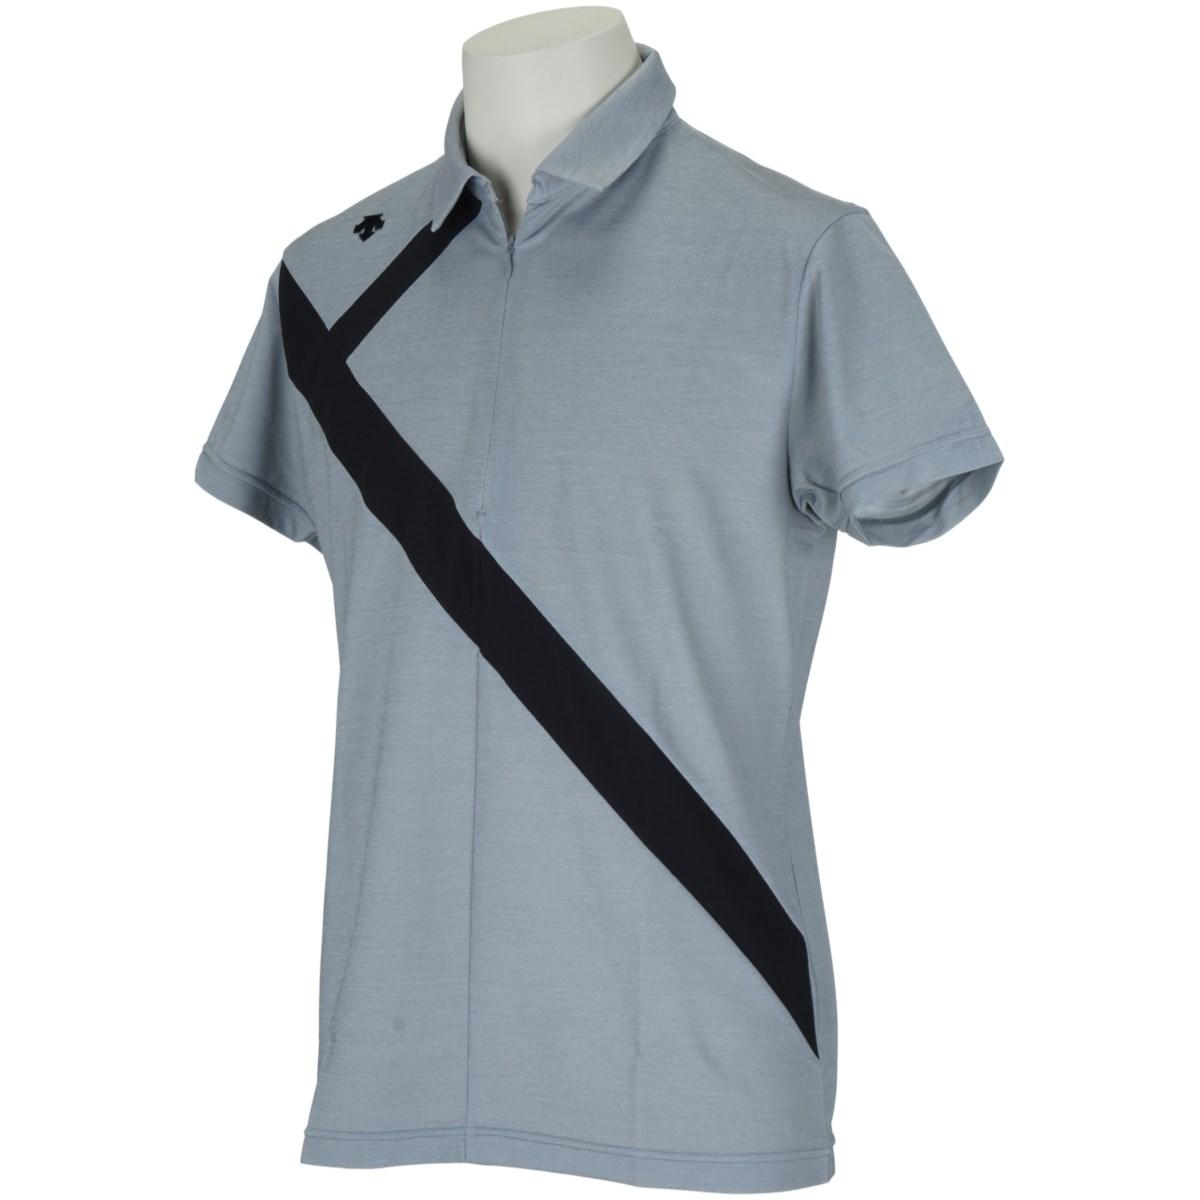 デサントゴルフ(DESCENTE GOLF) ECOアクセンシャルゼブラ鹿の子切り替え 半袖ポロシャツ